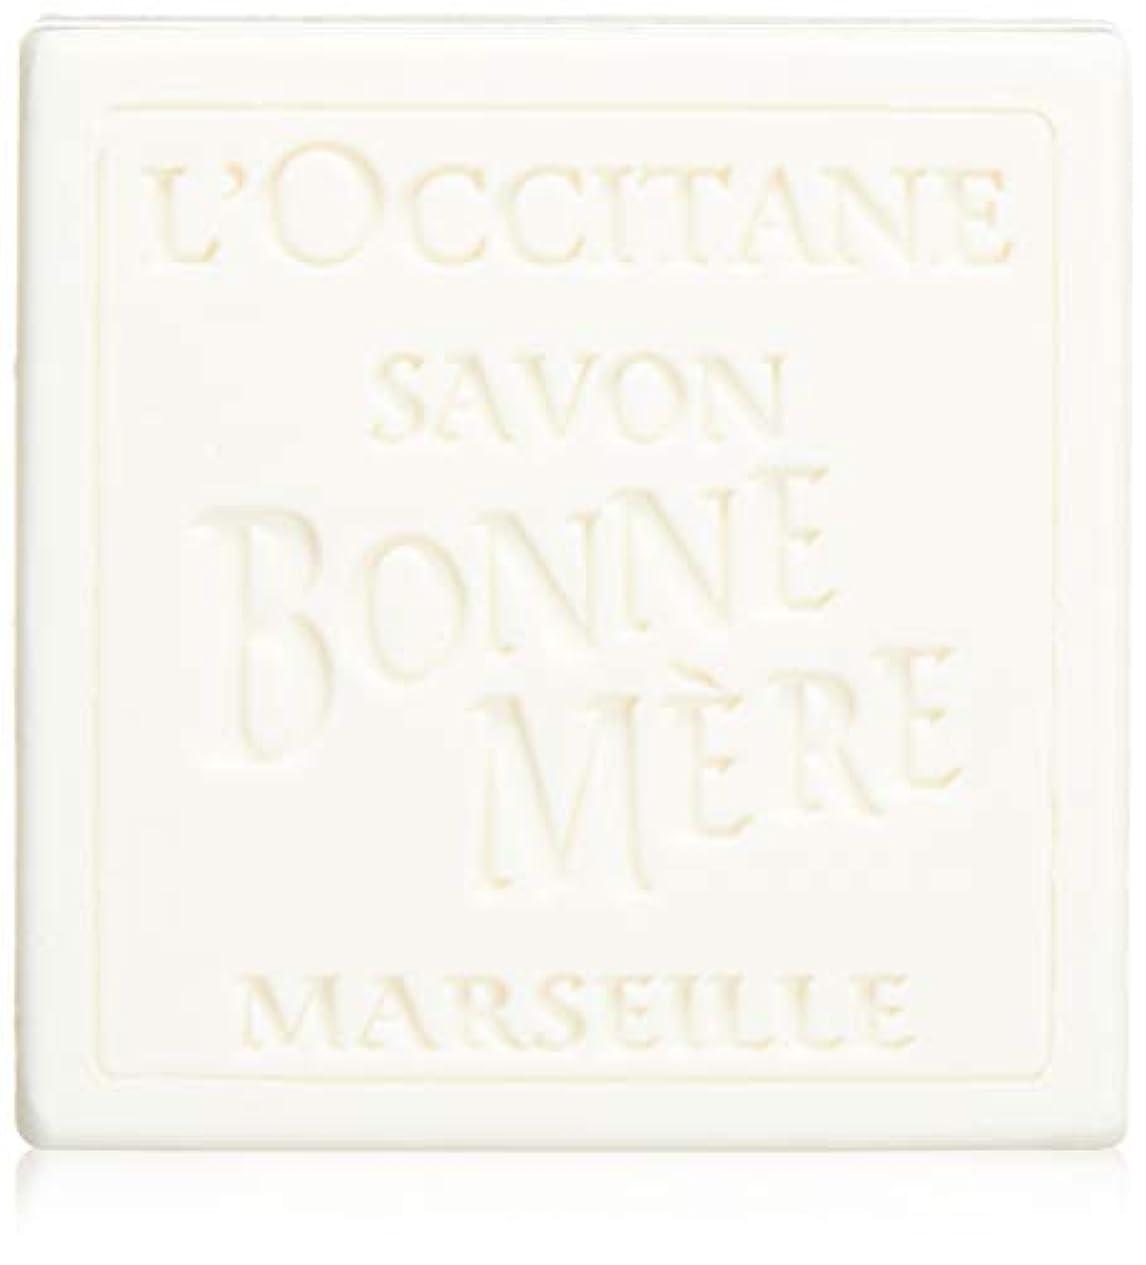 アメリカプレゼンテーション占めるロクシタン(L'OCCITANE) ボンメールソープ ミルク 100g